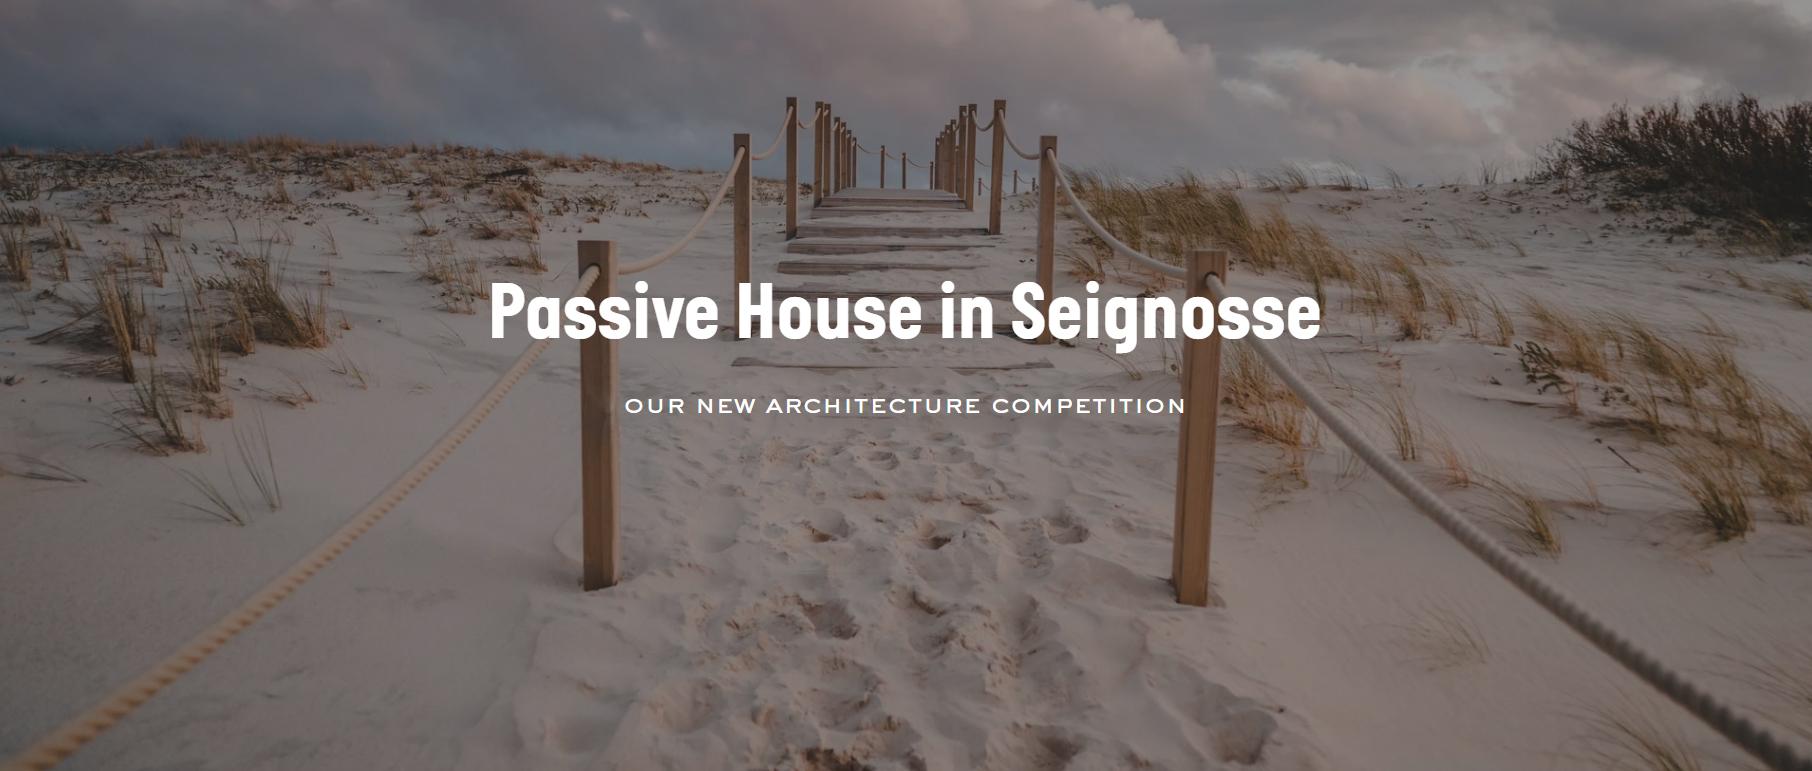 塞格诺斯(Seignosse)被动式节能住宅设计竞赛